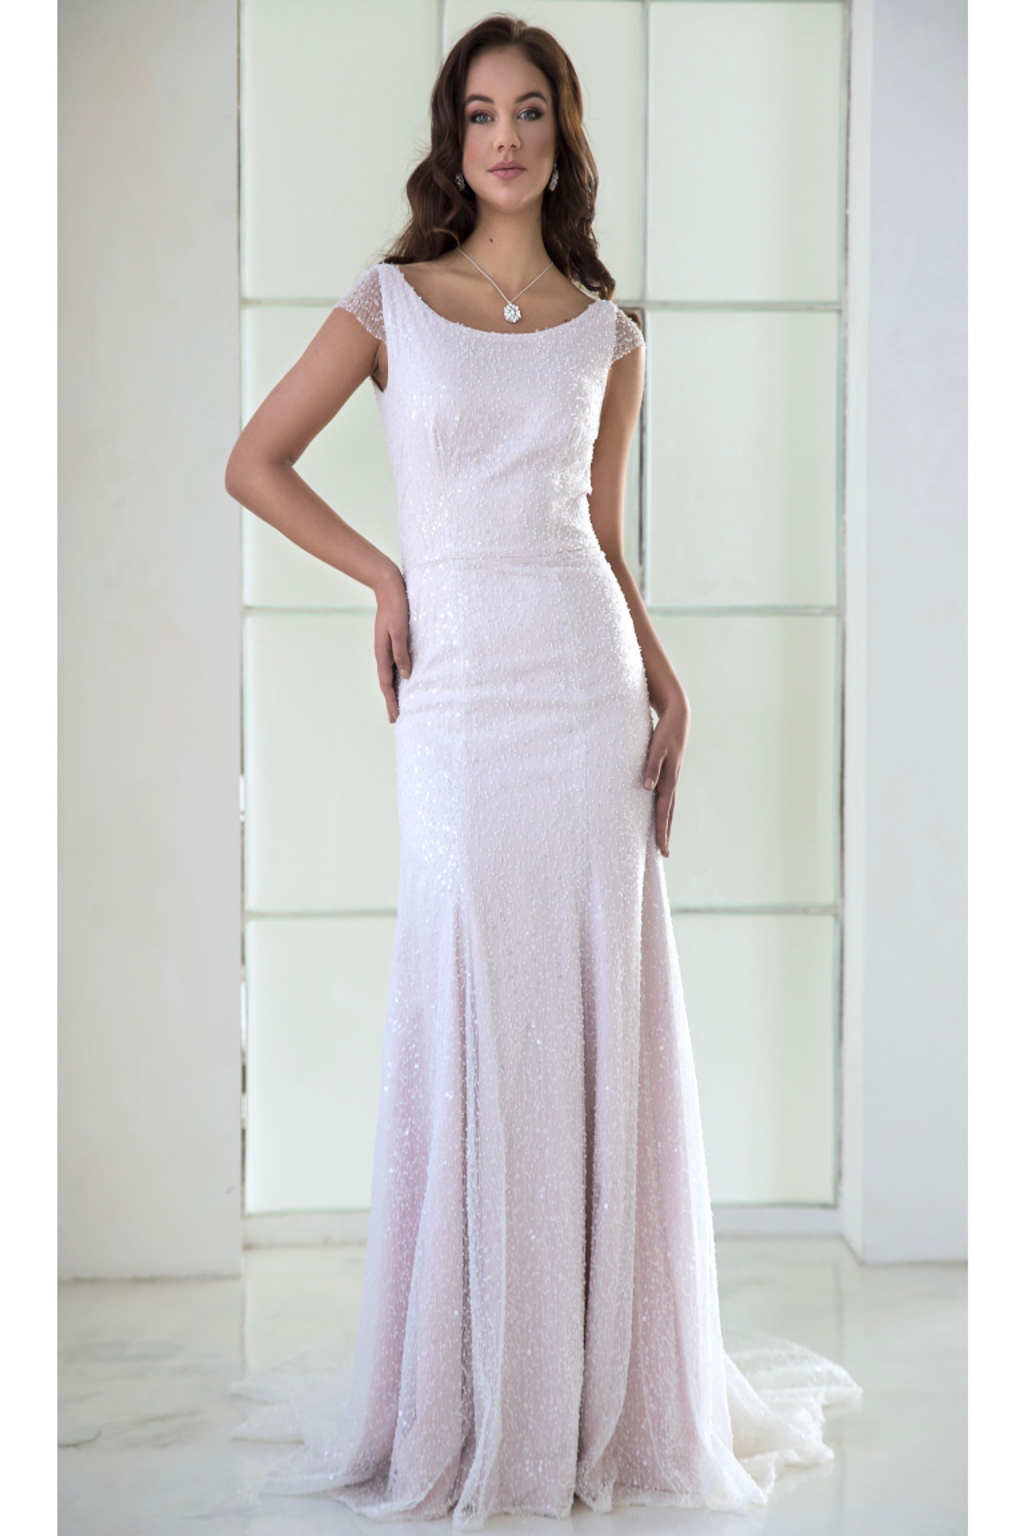 7f3967b201 Svatební šaty AMELIE z třpytivé krajky s perličkami - MiaBella